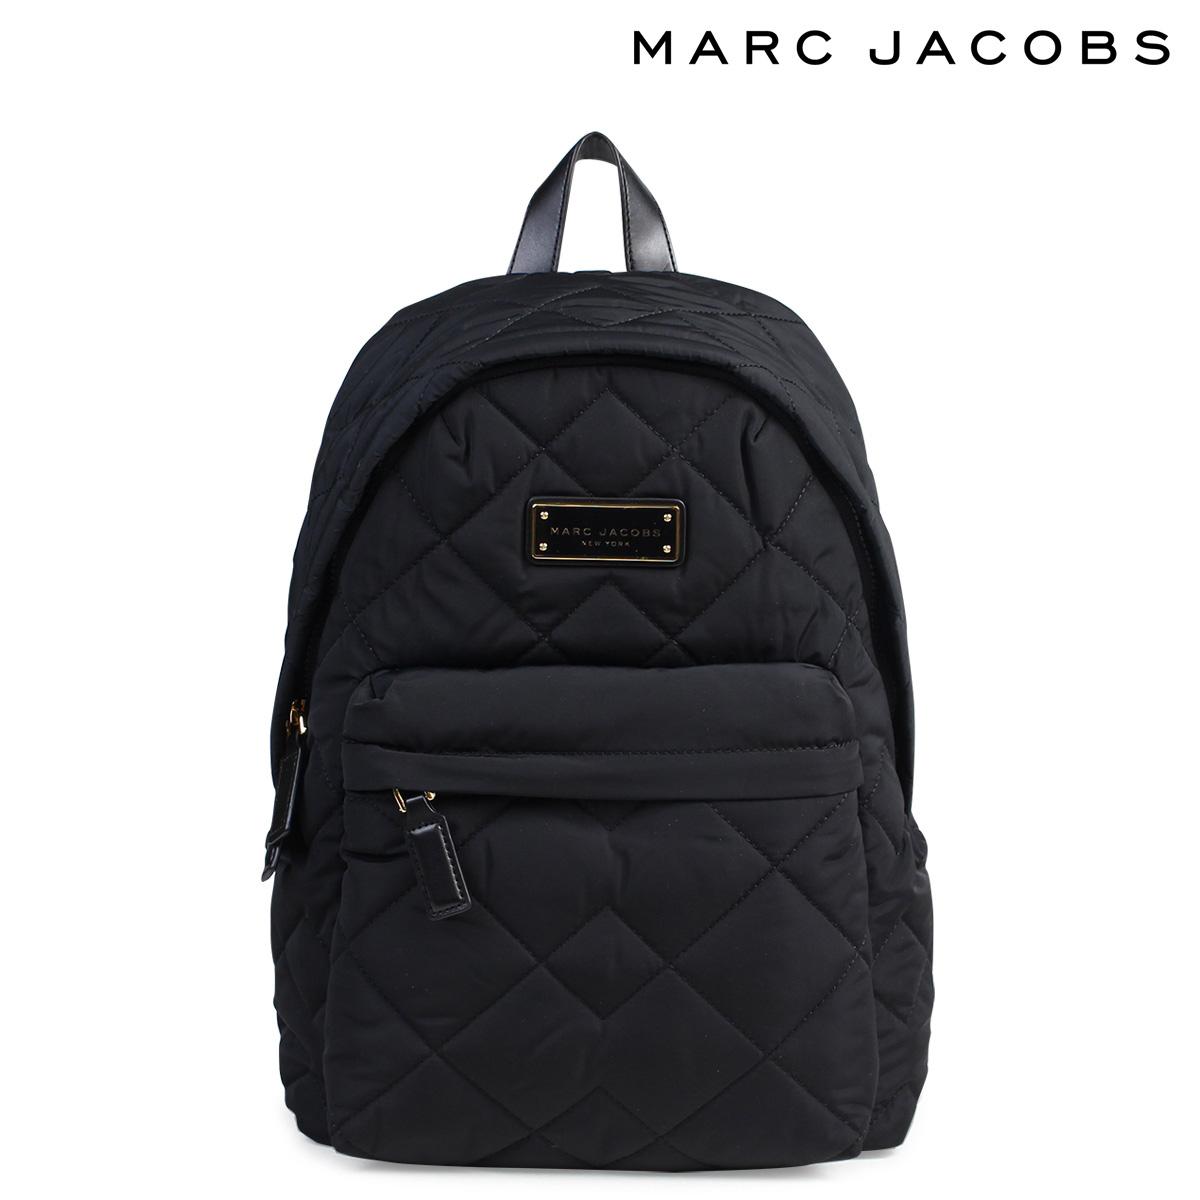 マークジェイコブス MARC JACOBS リュック バッグ バックパック レディース QUILTED BACKPACK ブラック 黒 M0011321